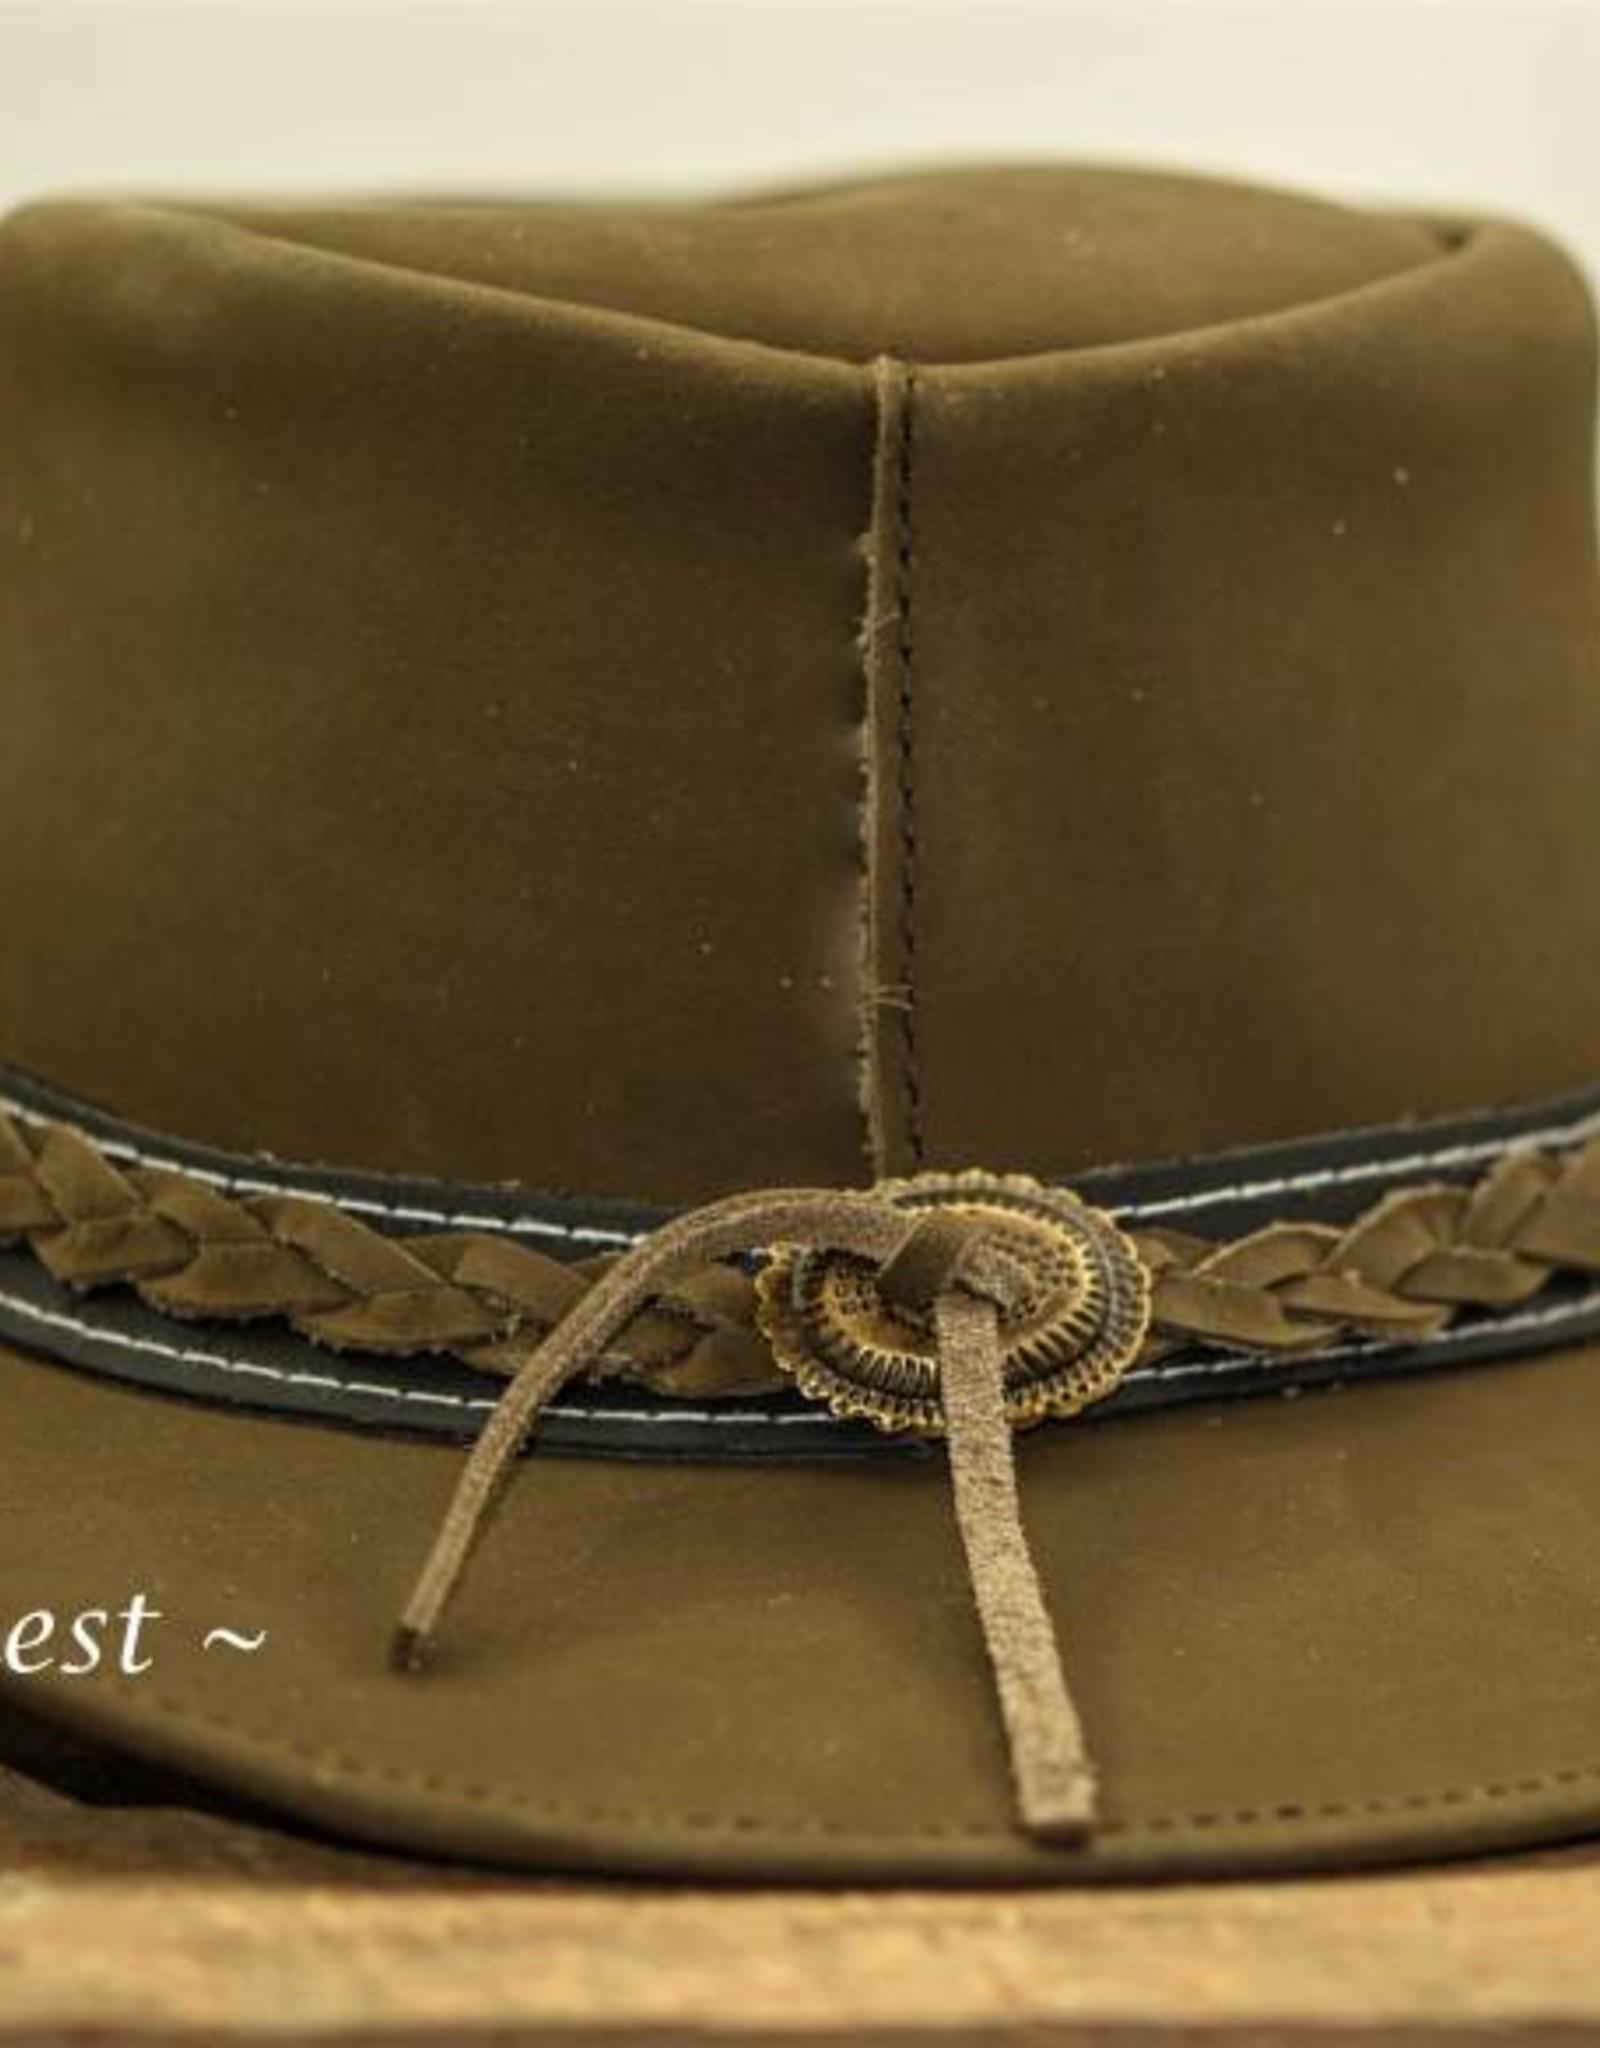 Ascot's Finest Nubuck lederen hoed